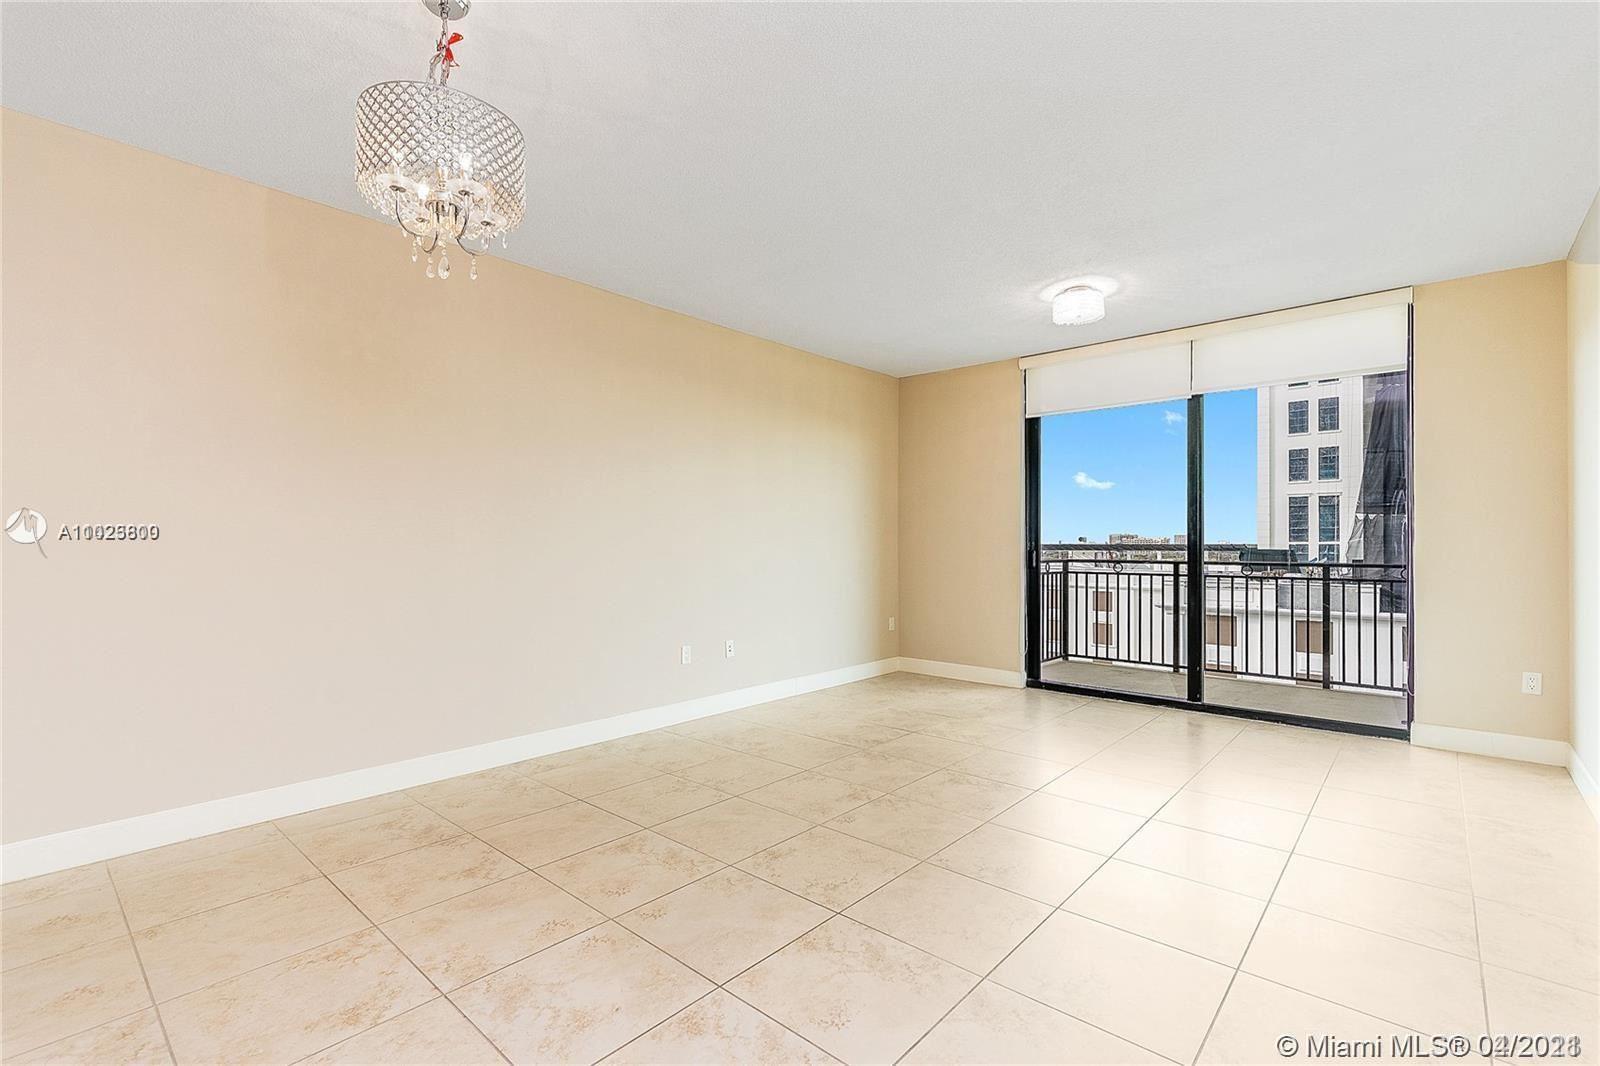 1300 Ponce De Leon Blvd #802, Coral Gables, FL 33134 - #: A11023800